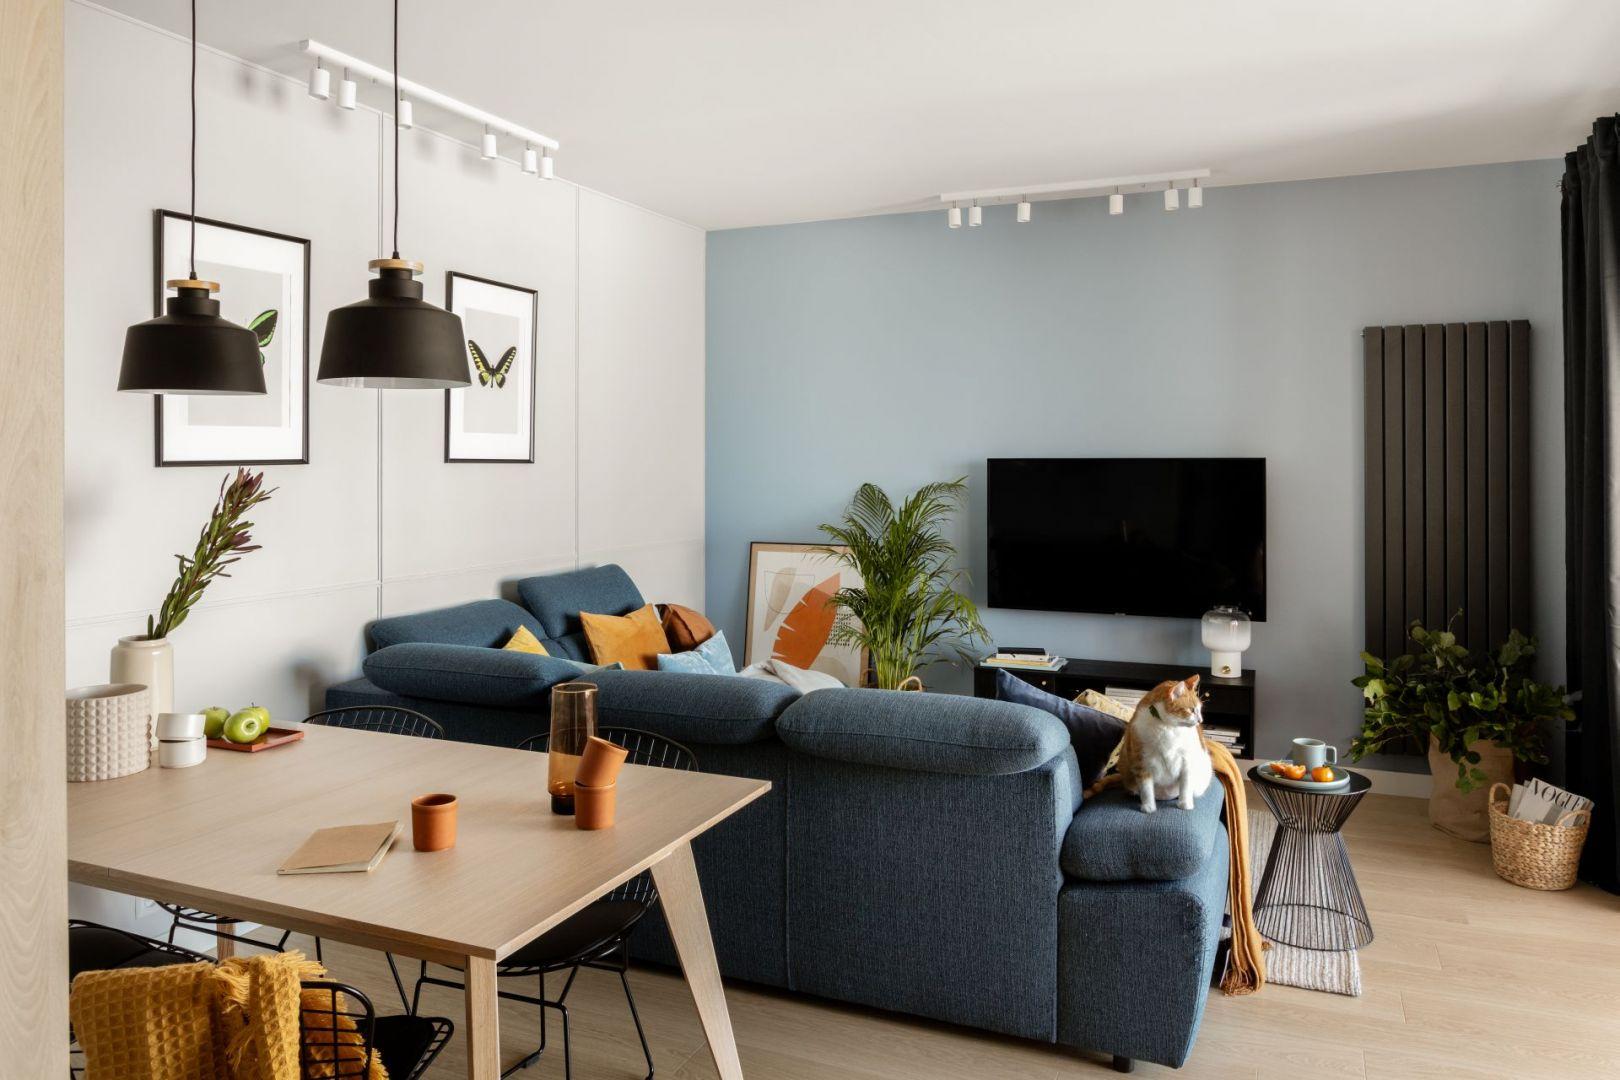 Ścianę z telewizorem pomalowano na pastelowy niebieski kolor. Projekt: Framuga Studio. Zdjęcia: Aleksandra Dermont